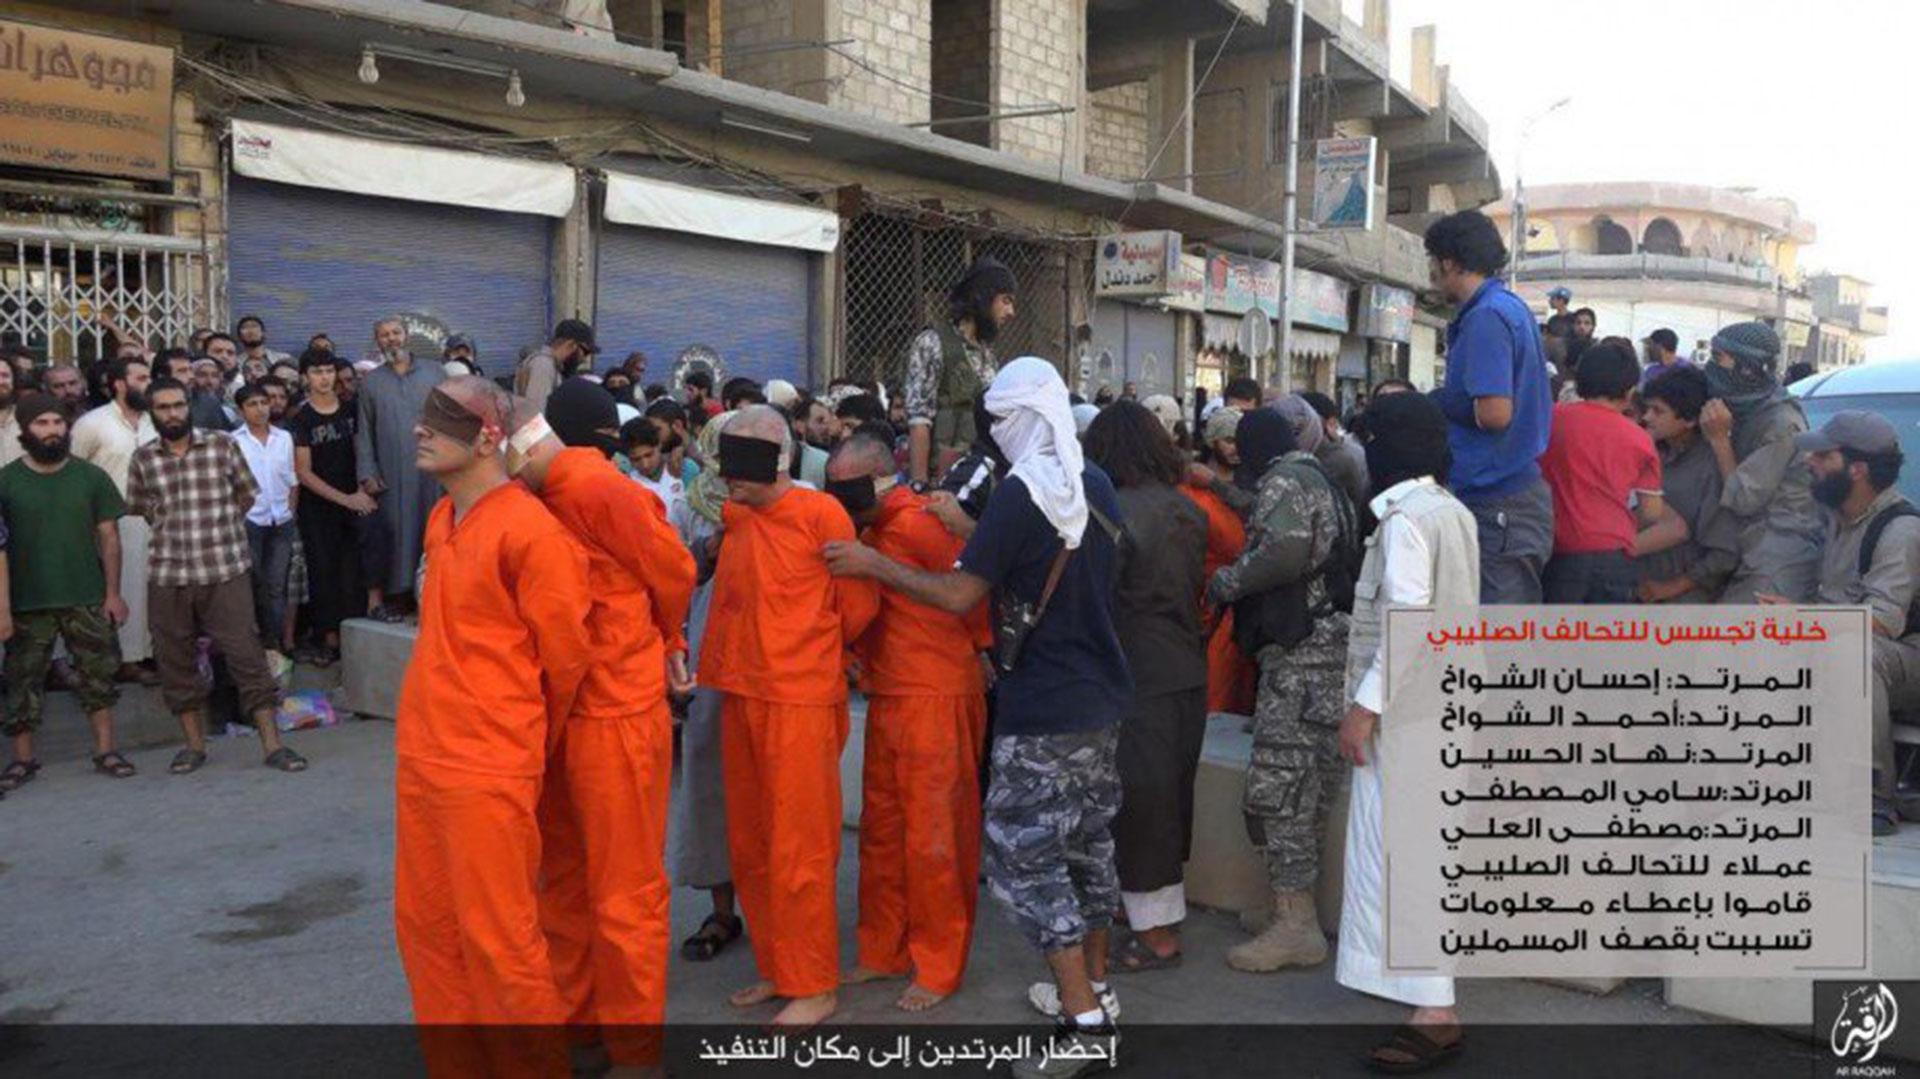 Los tres futbolistas, su entrenador y una quinta persona desconocida antes de ser ejecutados por ISIS.